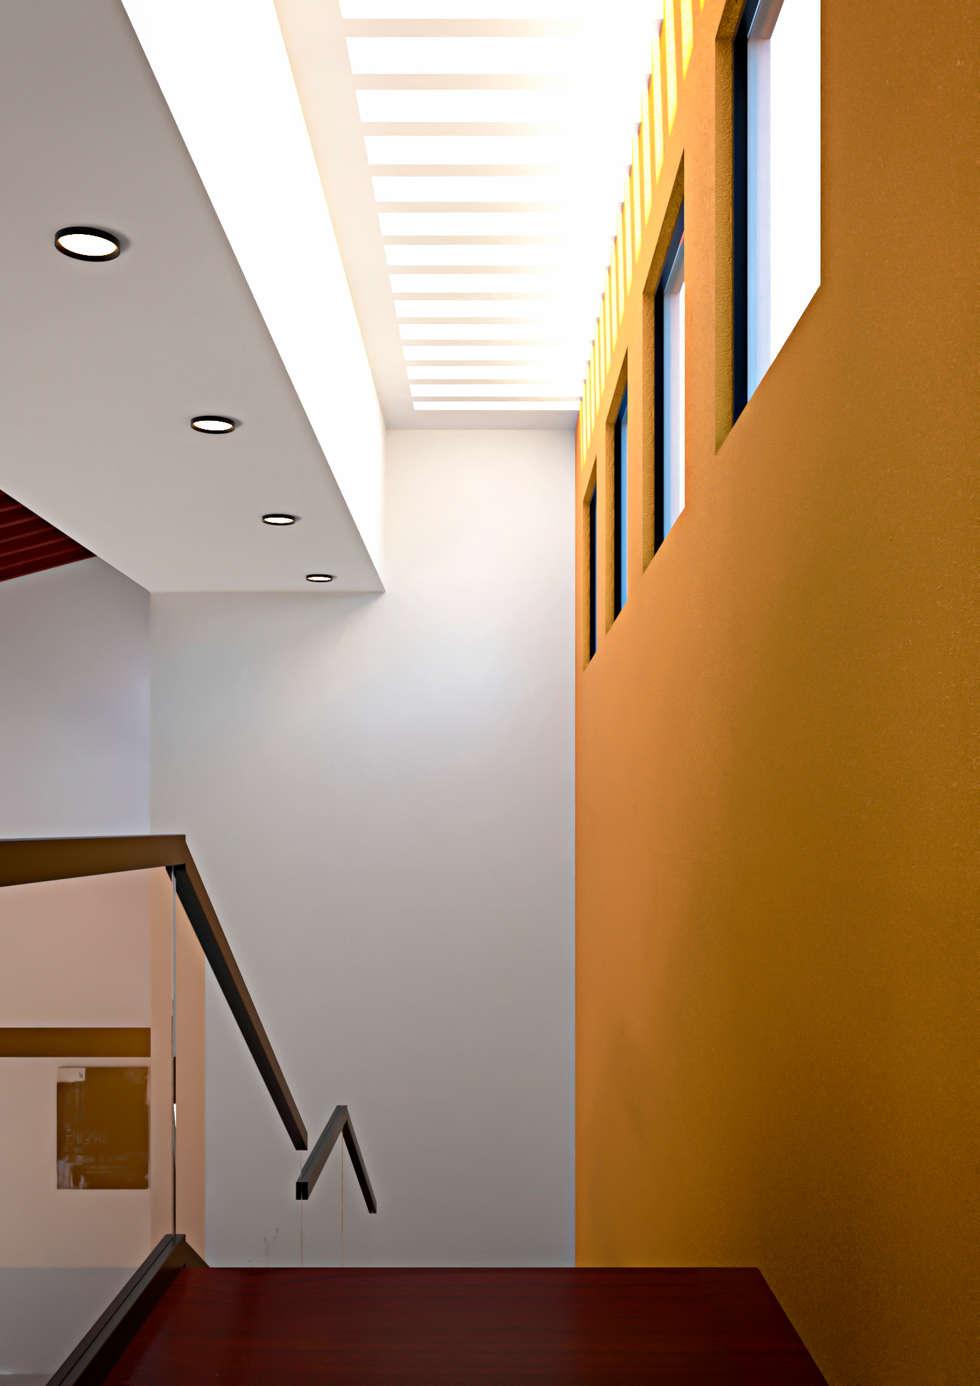 Escalera: Salas de estilo mediterraneo por Laboratorio Mexicano de Arquitectura